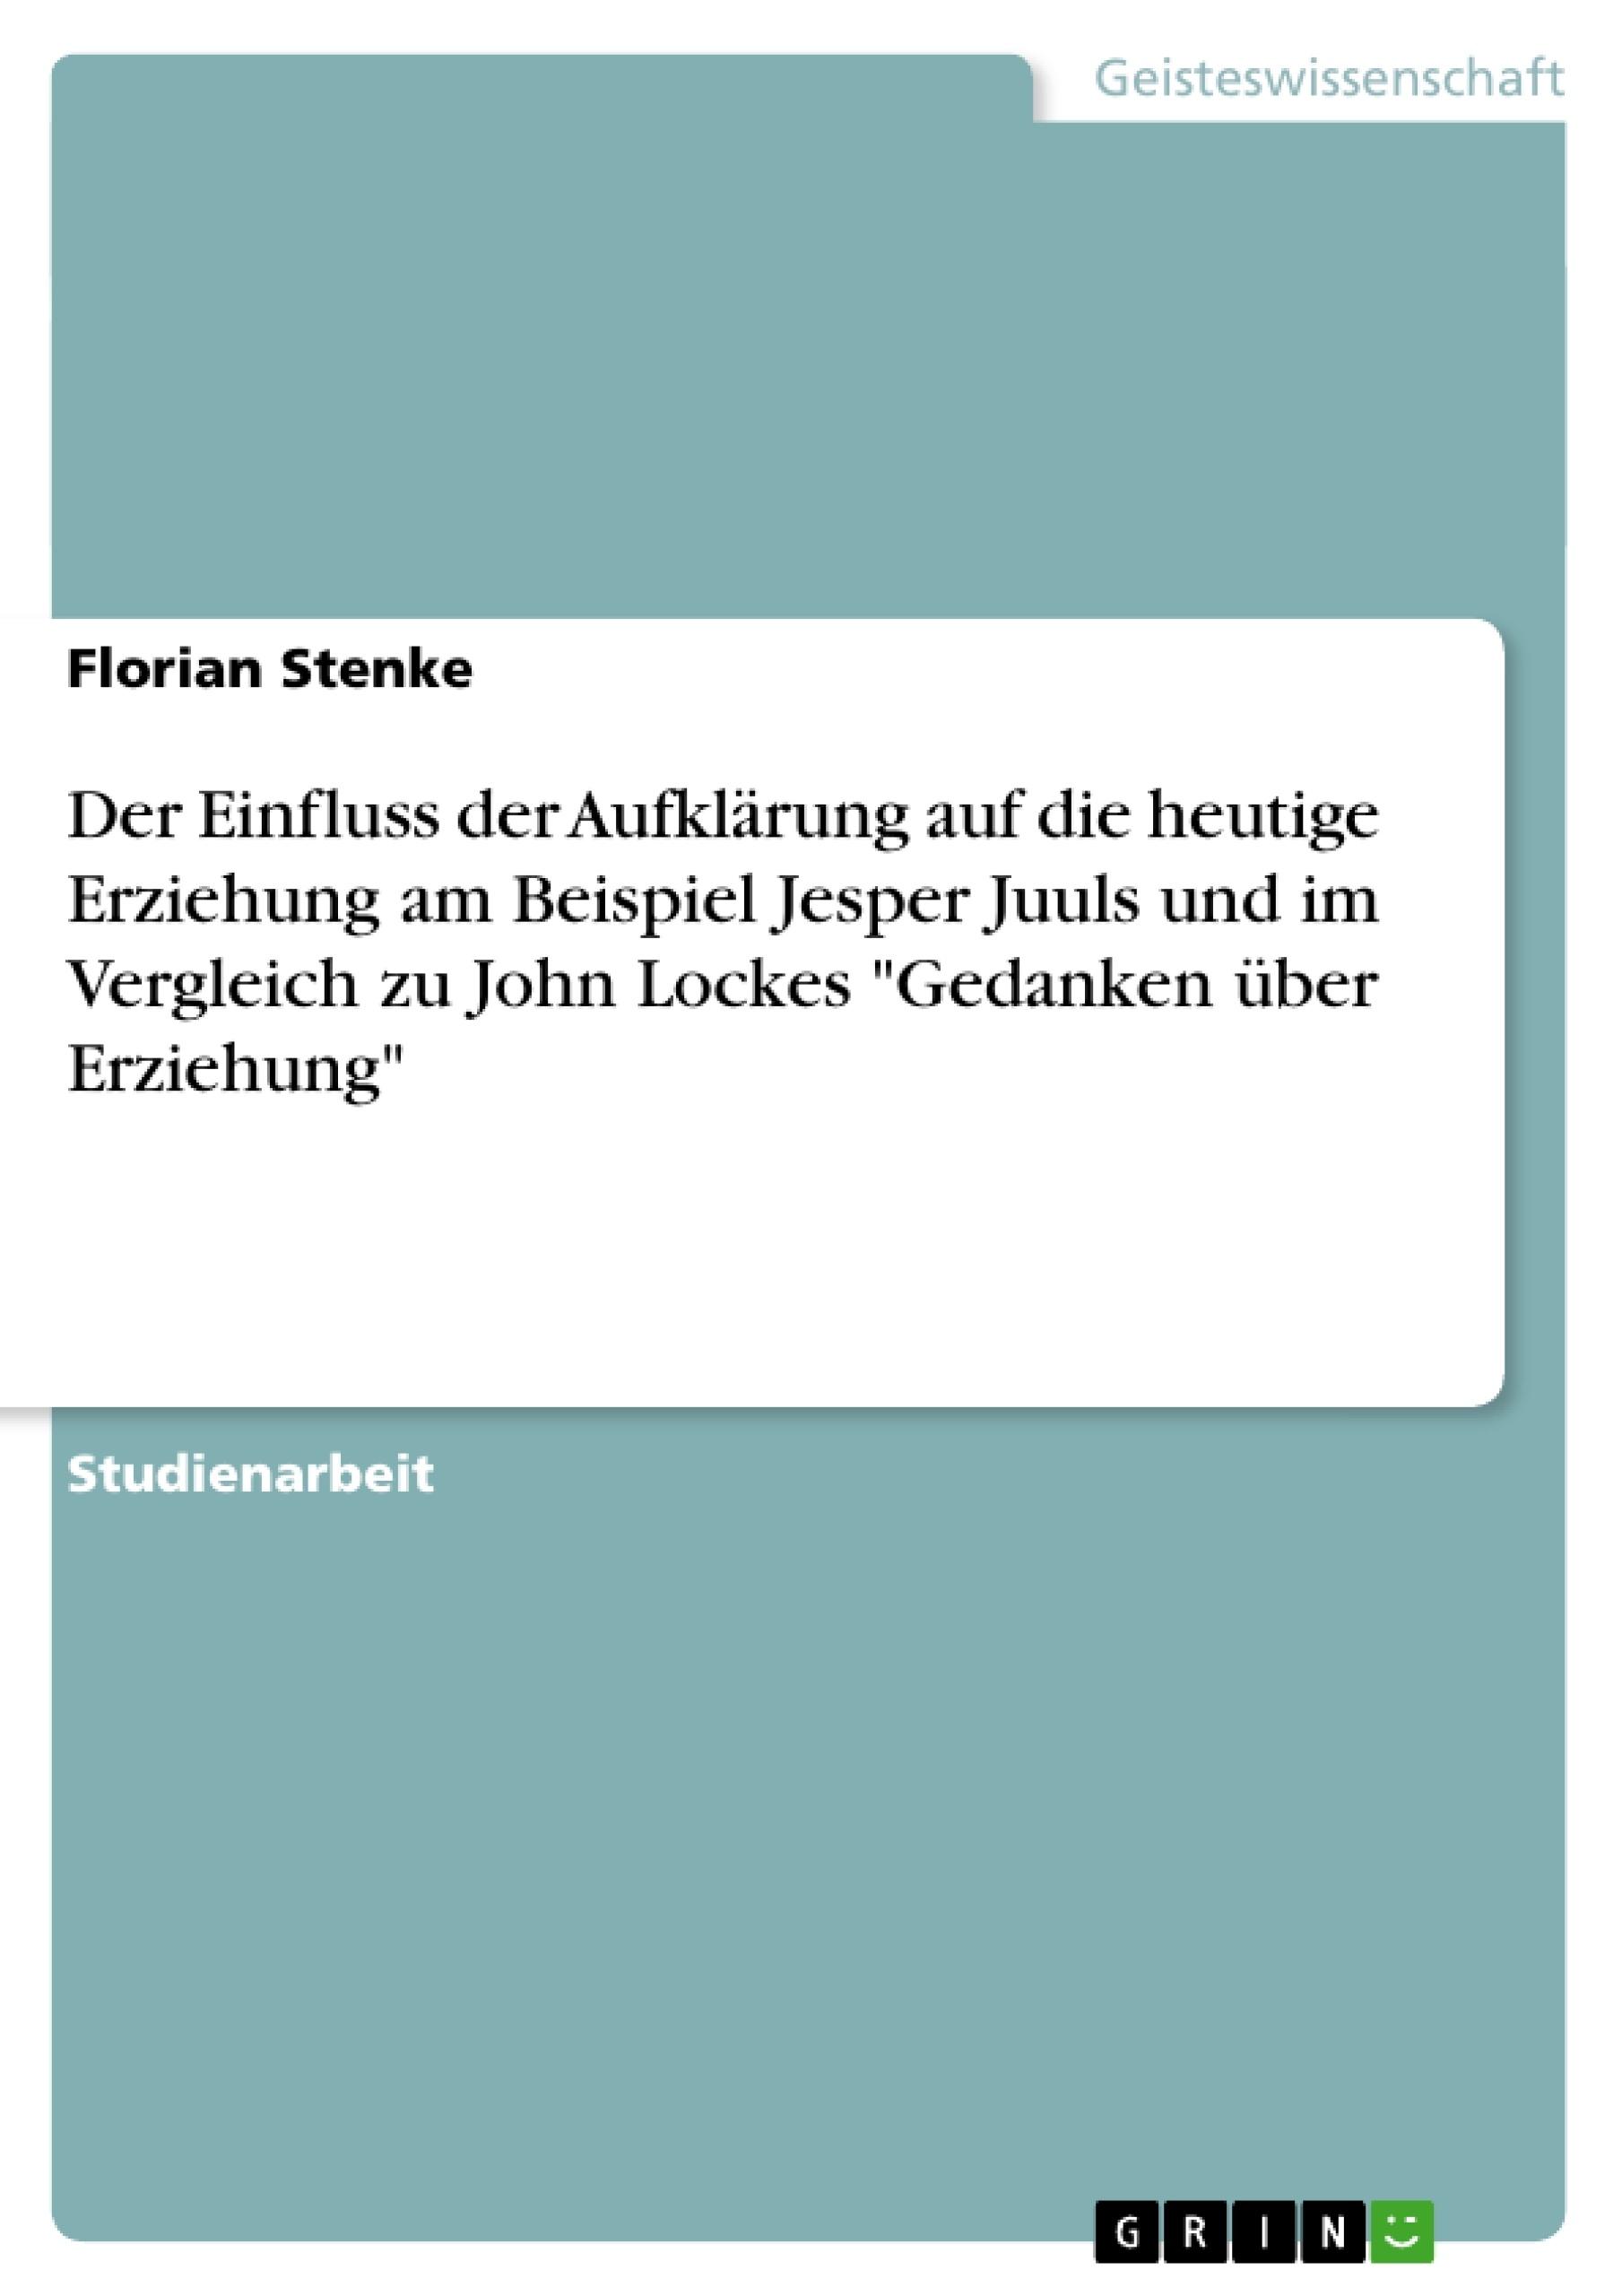 """Titel: Der Einfluss der Aufklärung auf die heutige Erziehung am Beispiel Jesper Juuls und im Vergleich zu John Lockes """"Gedanken über Erziehung"""""""